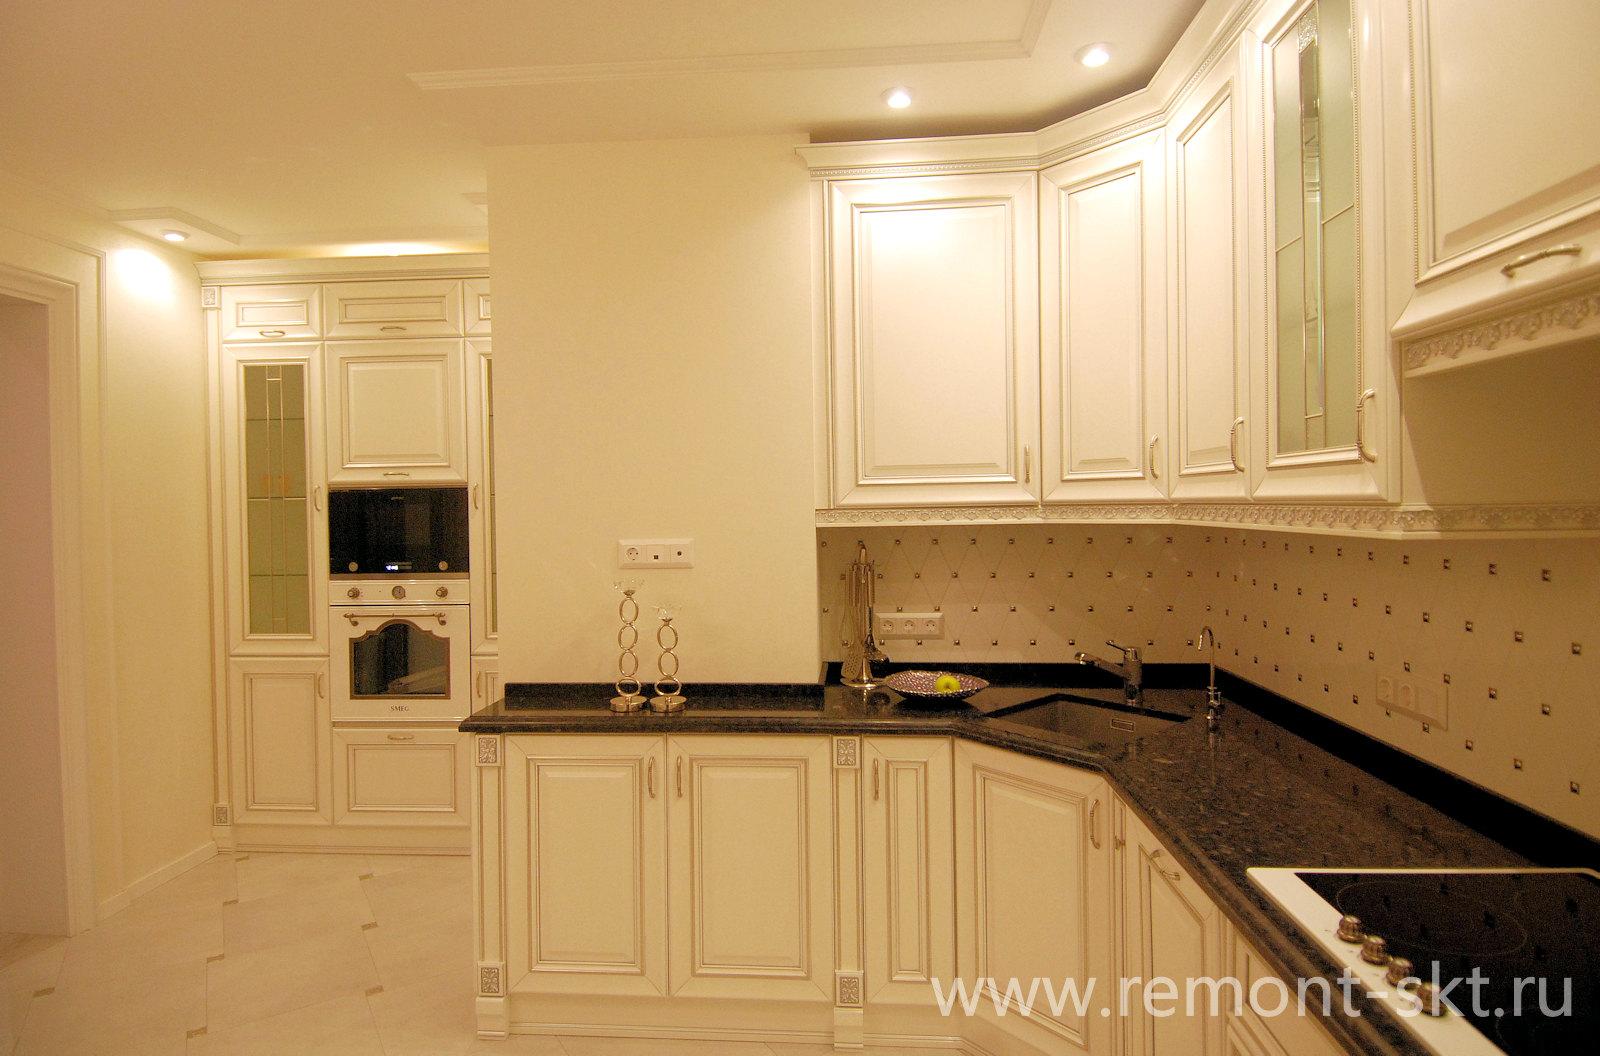 Ремонт квартир под ключ в Москве цены за кв метр недорого